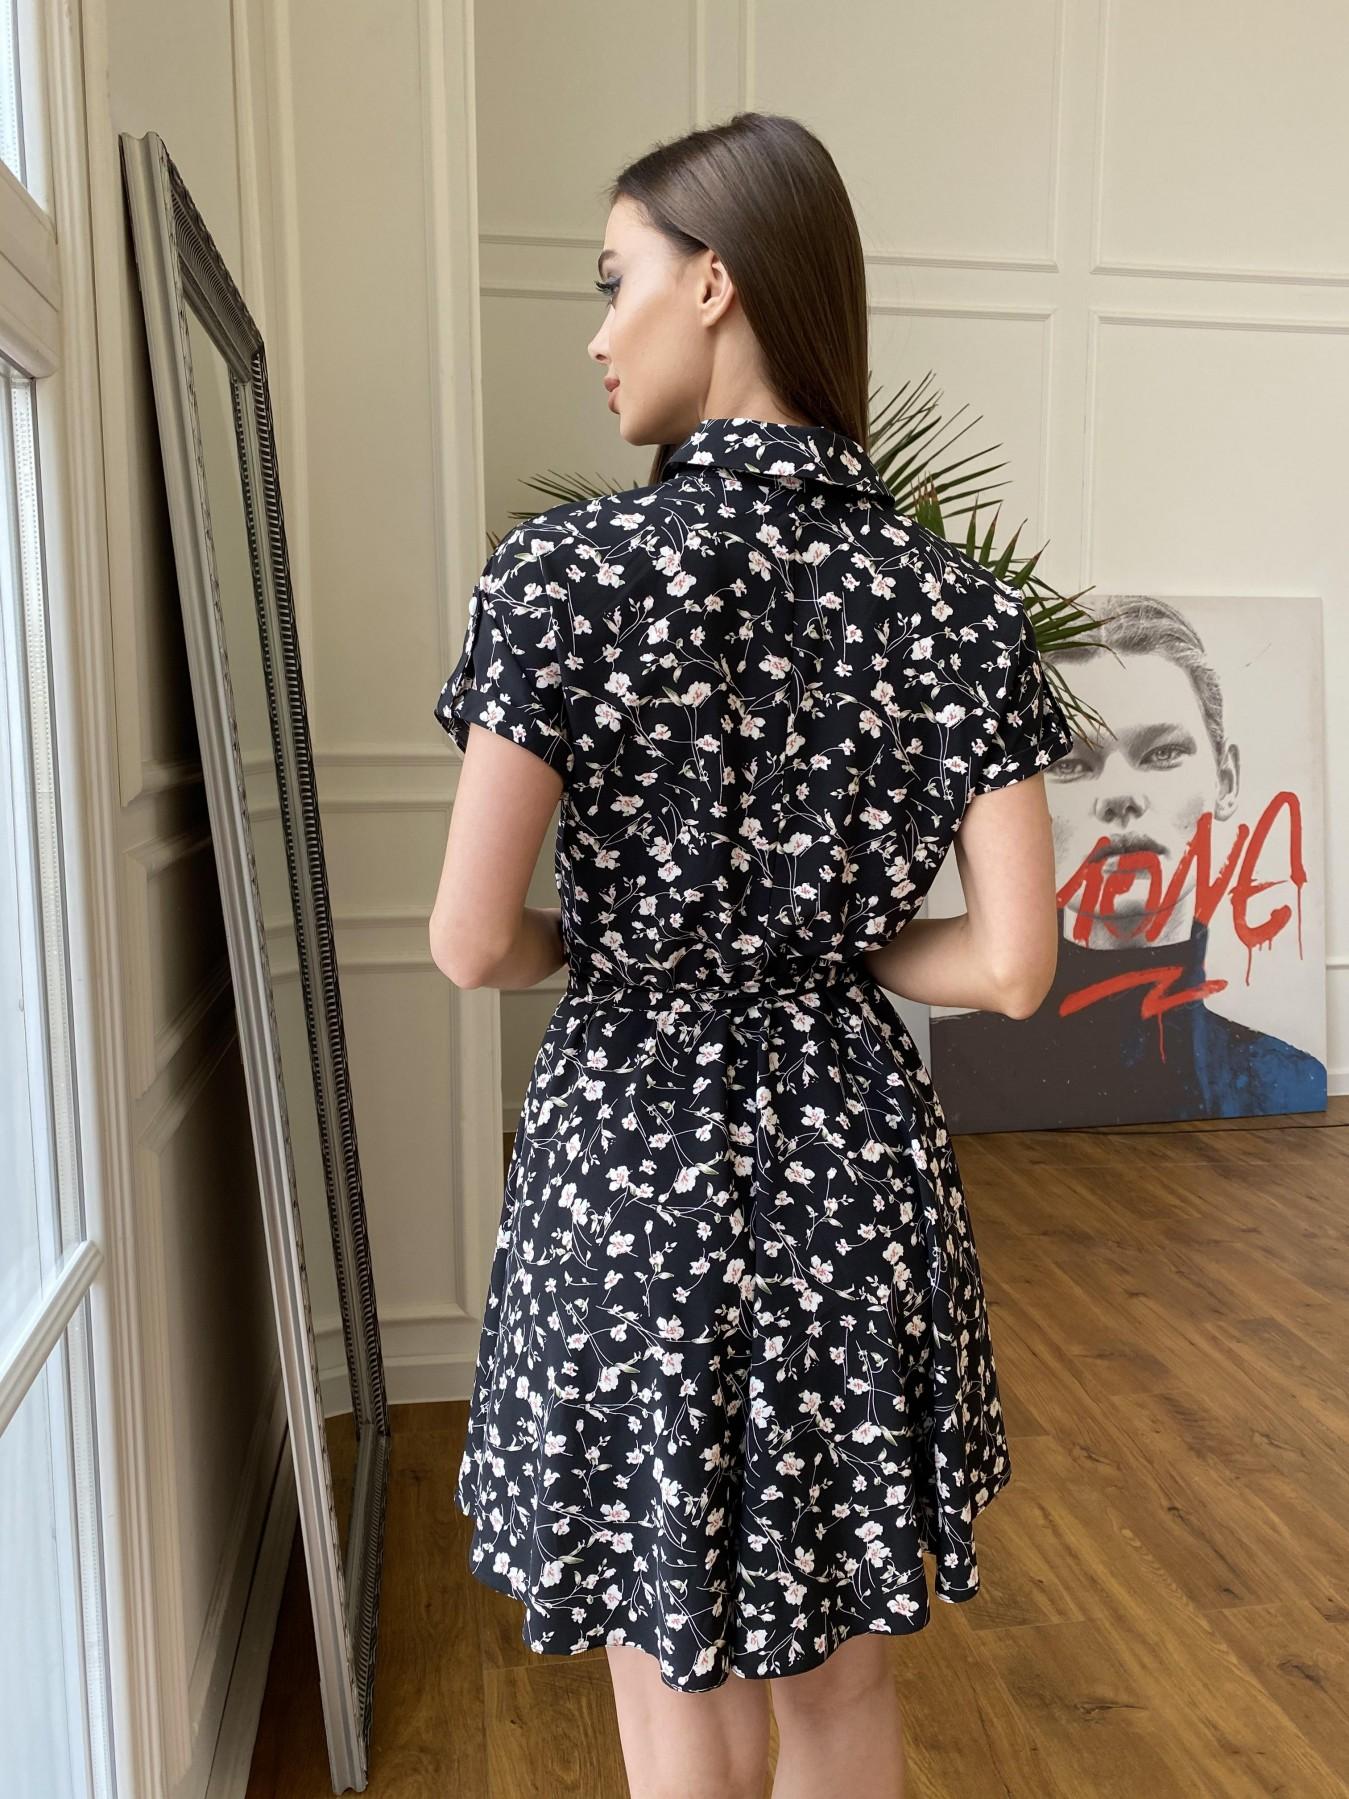 Санжар платье из ткани софт в принт 11215 АРТ. 47728 Цвет: Черный/молоко, Цветы - фото 10, интернет магазин tm-modus.ru